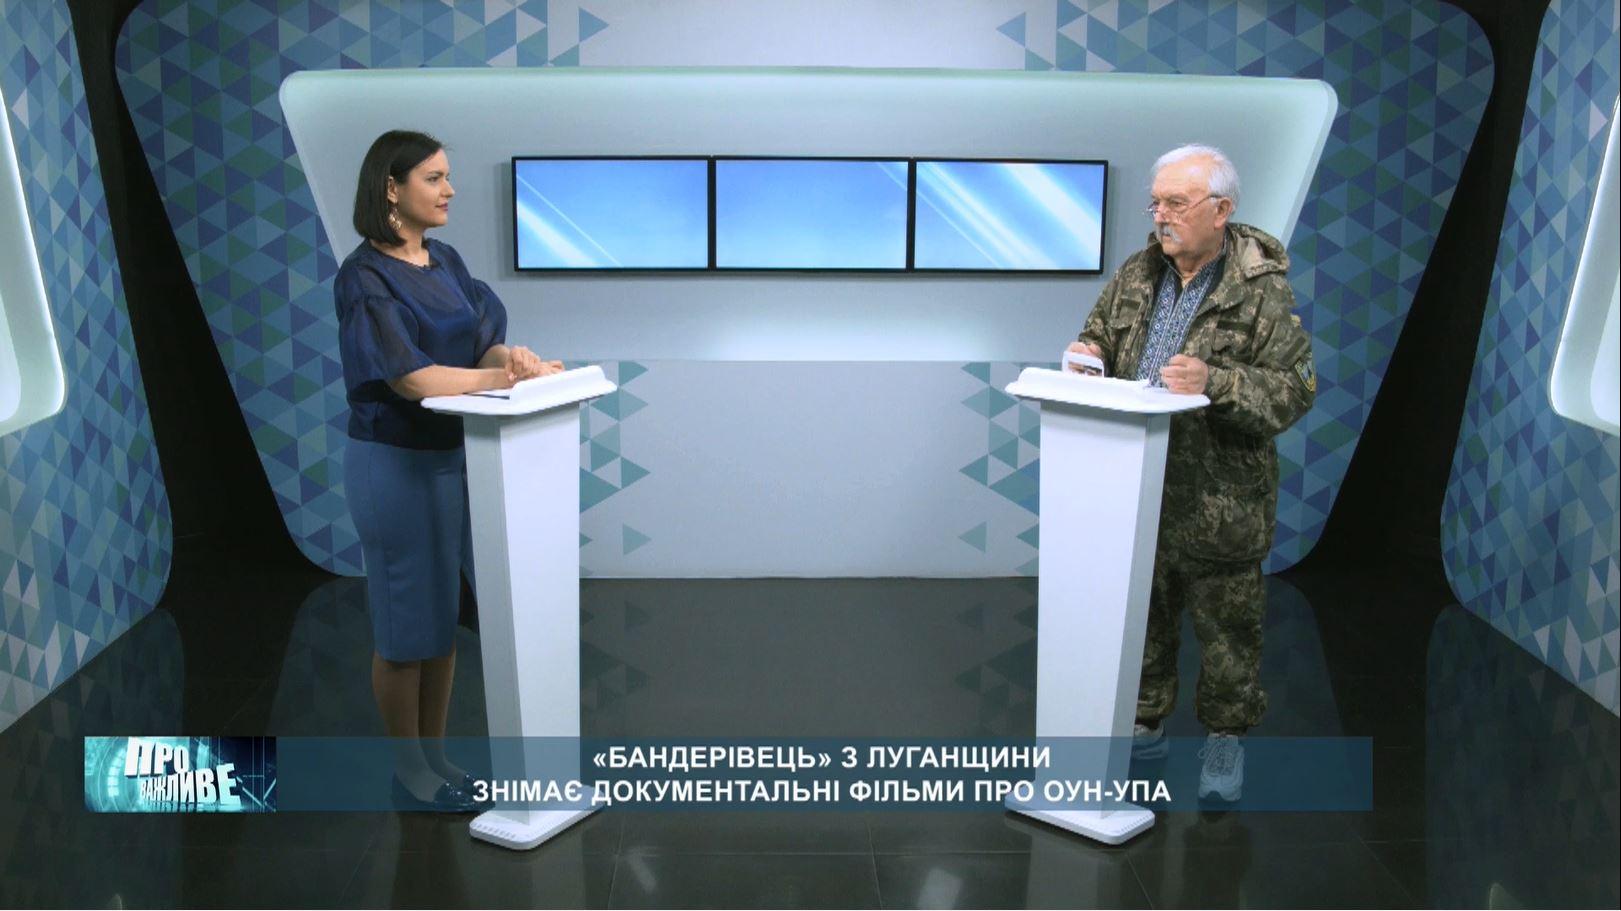 «Про важливе». «Бандерівець» з Луганщини знімає документальні фільми про ОУН-УПА